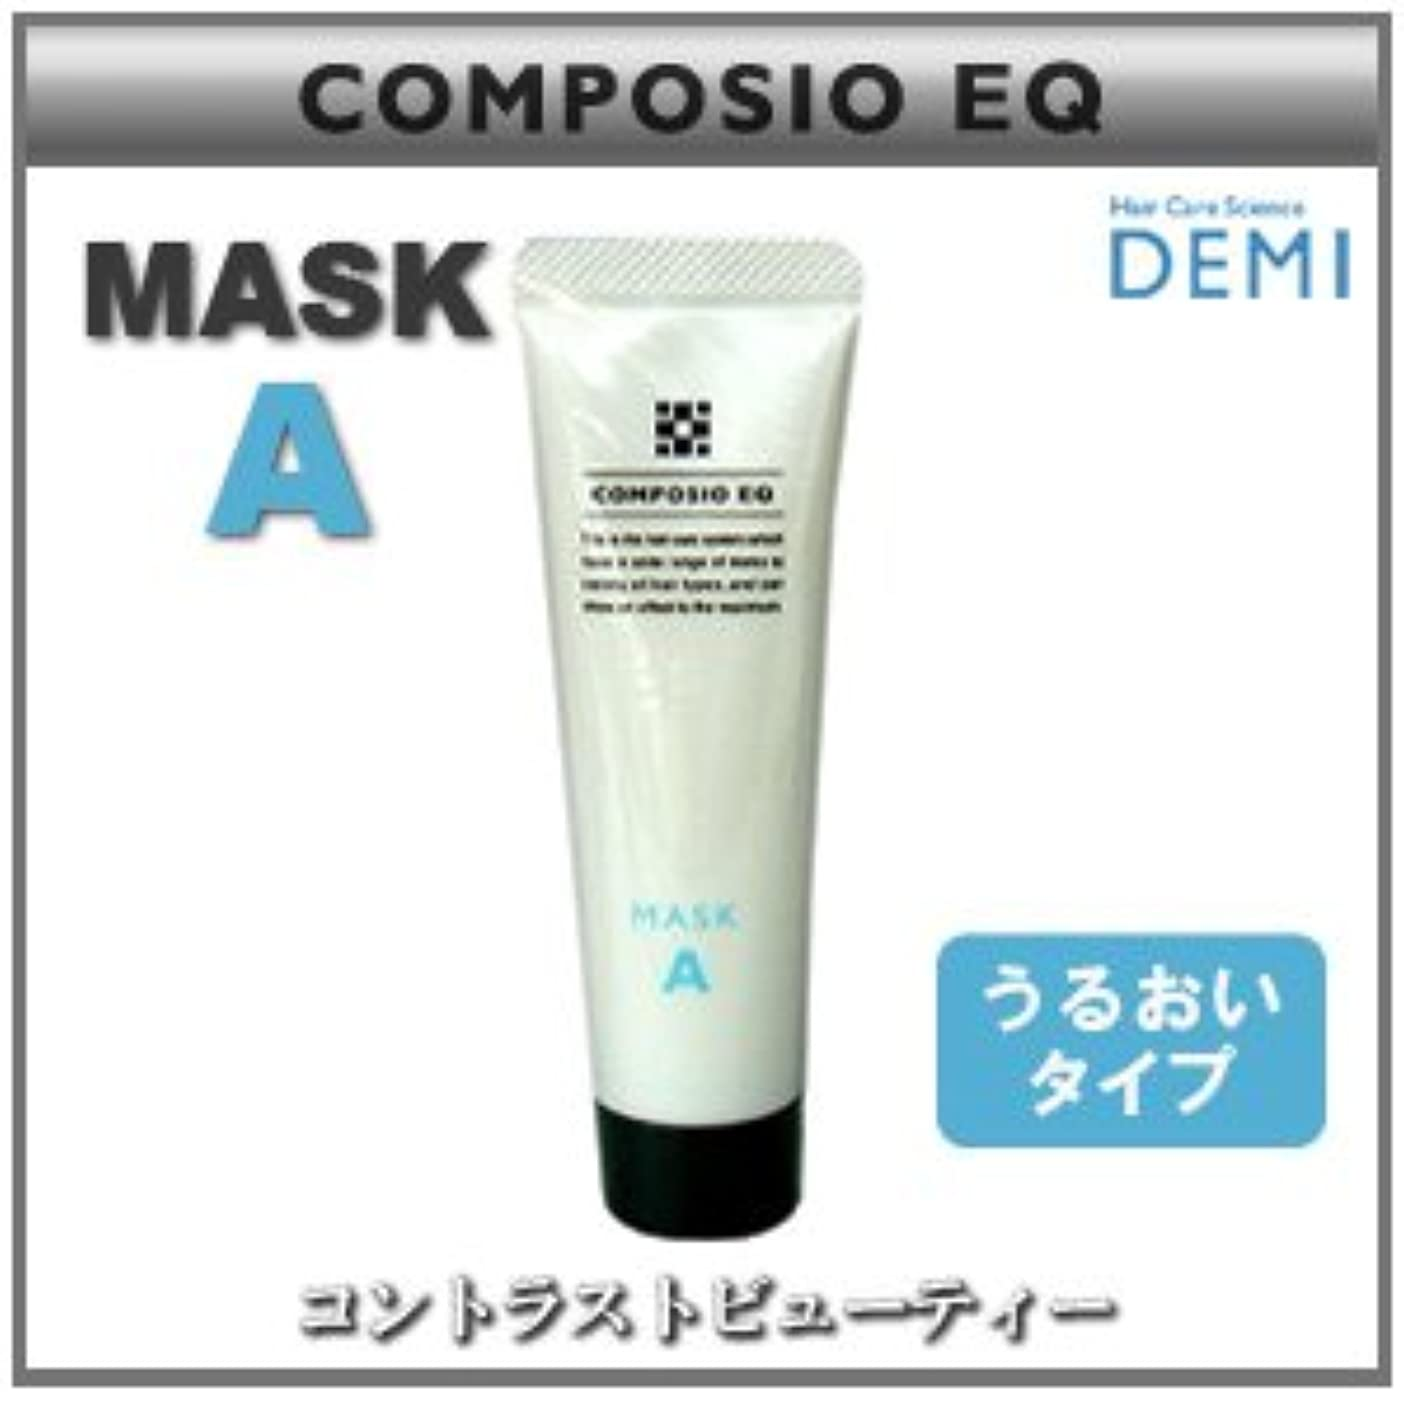 従者支援する顔料【X5個セット】 デミ コンポジオ EQ マスク A 50g